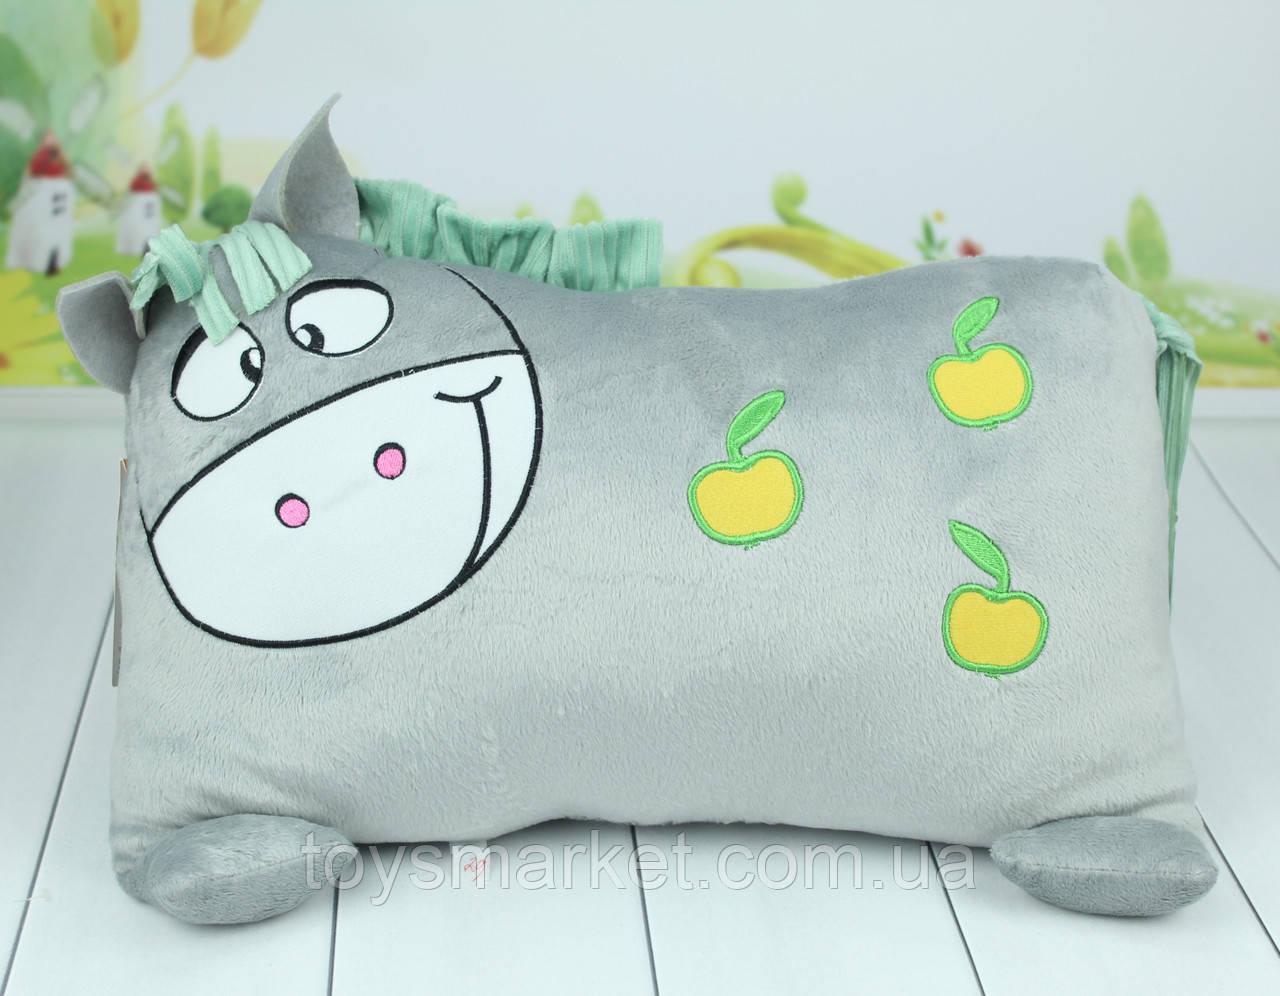 Мягкая игрушка подушка лошадка, плюшевая подушка лошадка, 37 см.